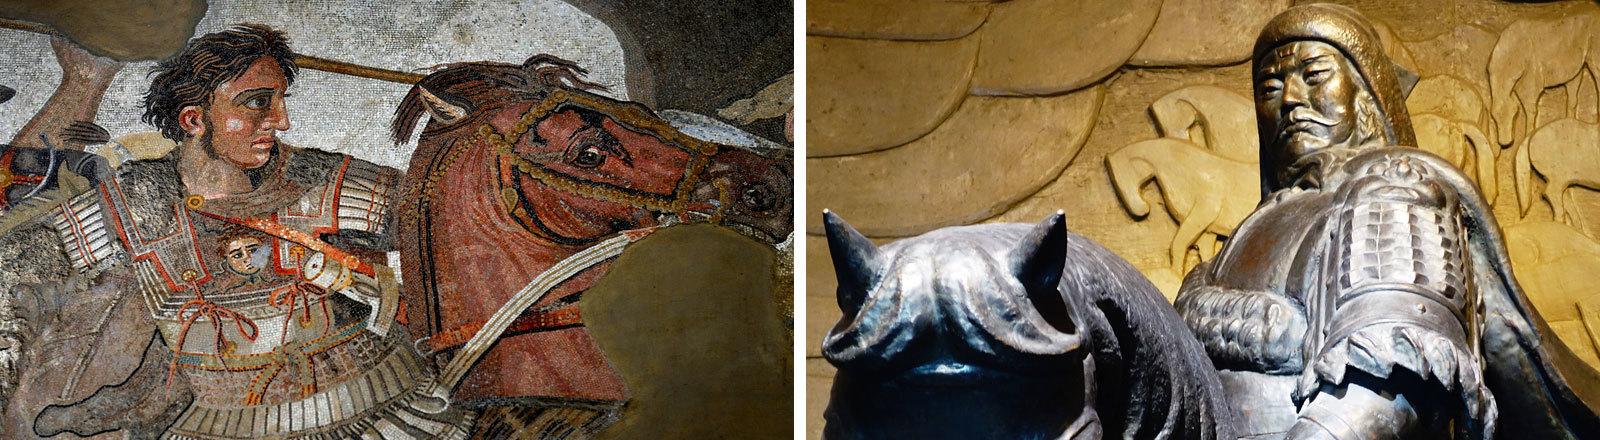 Darstellungen: Dschingis Khan und Alexander der Große